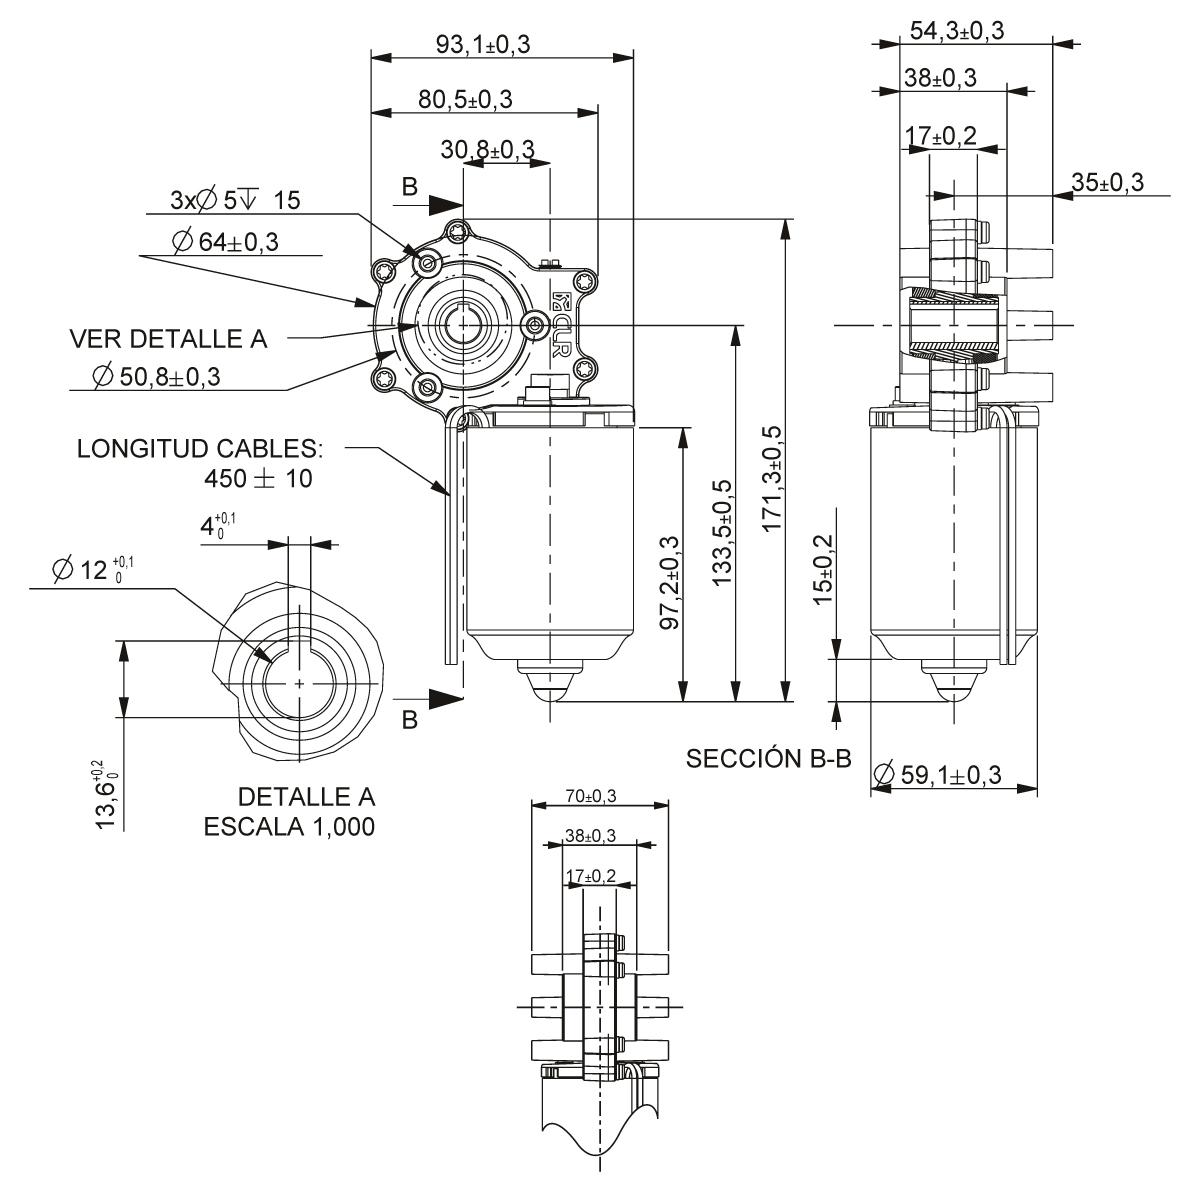 Motorreductor Dc 12v 278rpm Ref 12